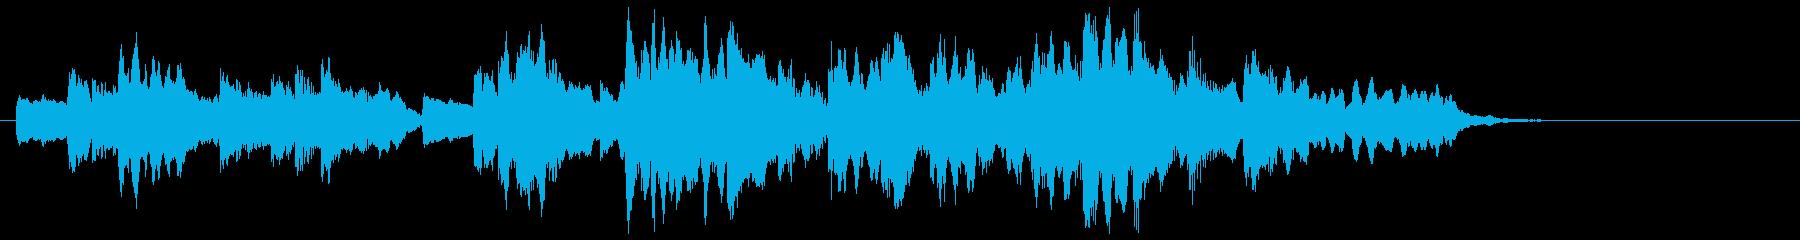 ピアノとフルートのおしゃれなジングルの再生済みの波形